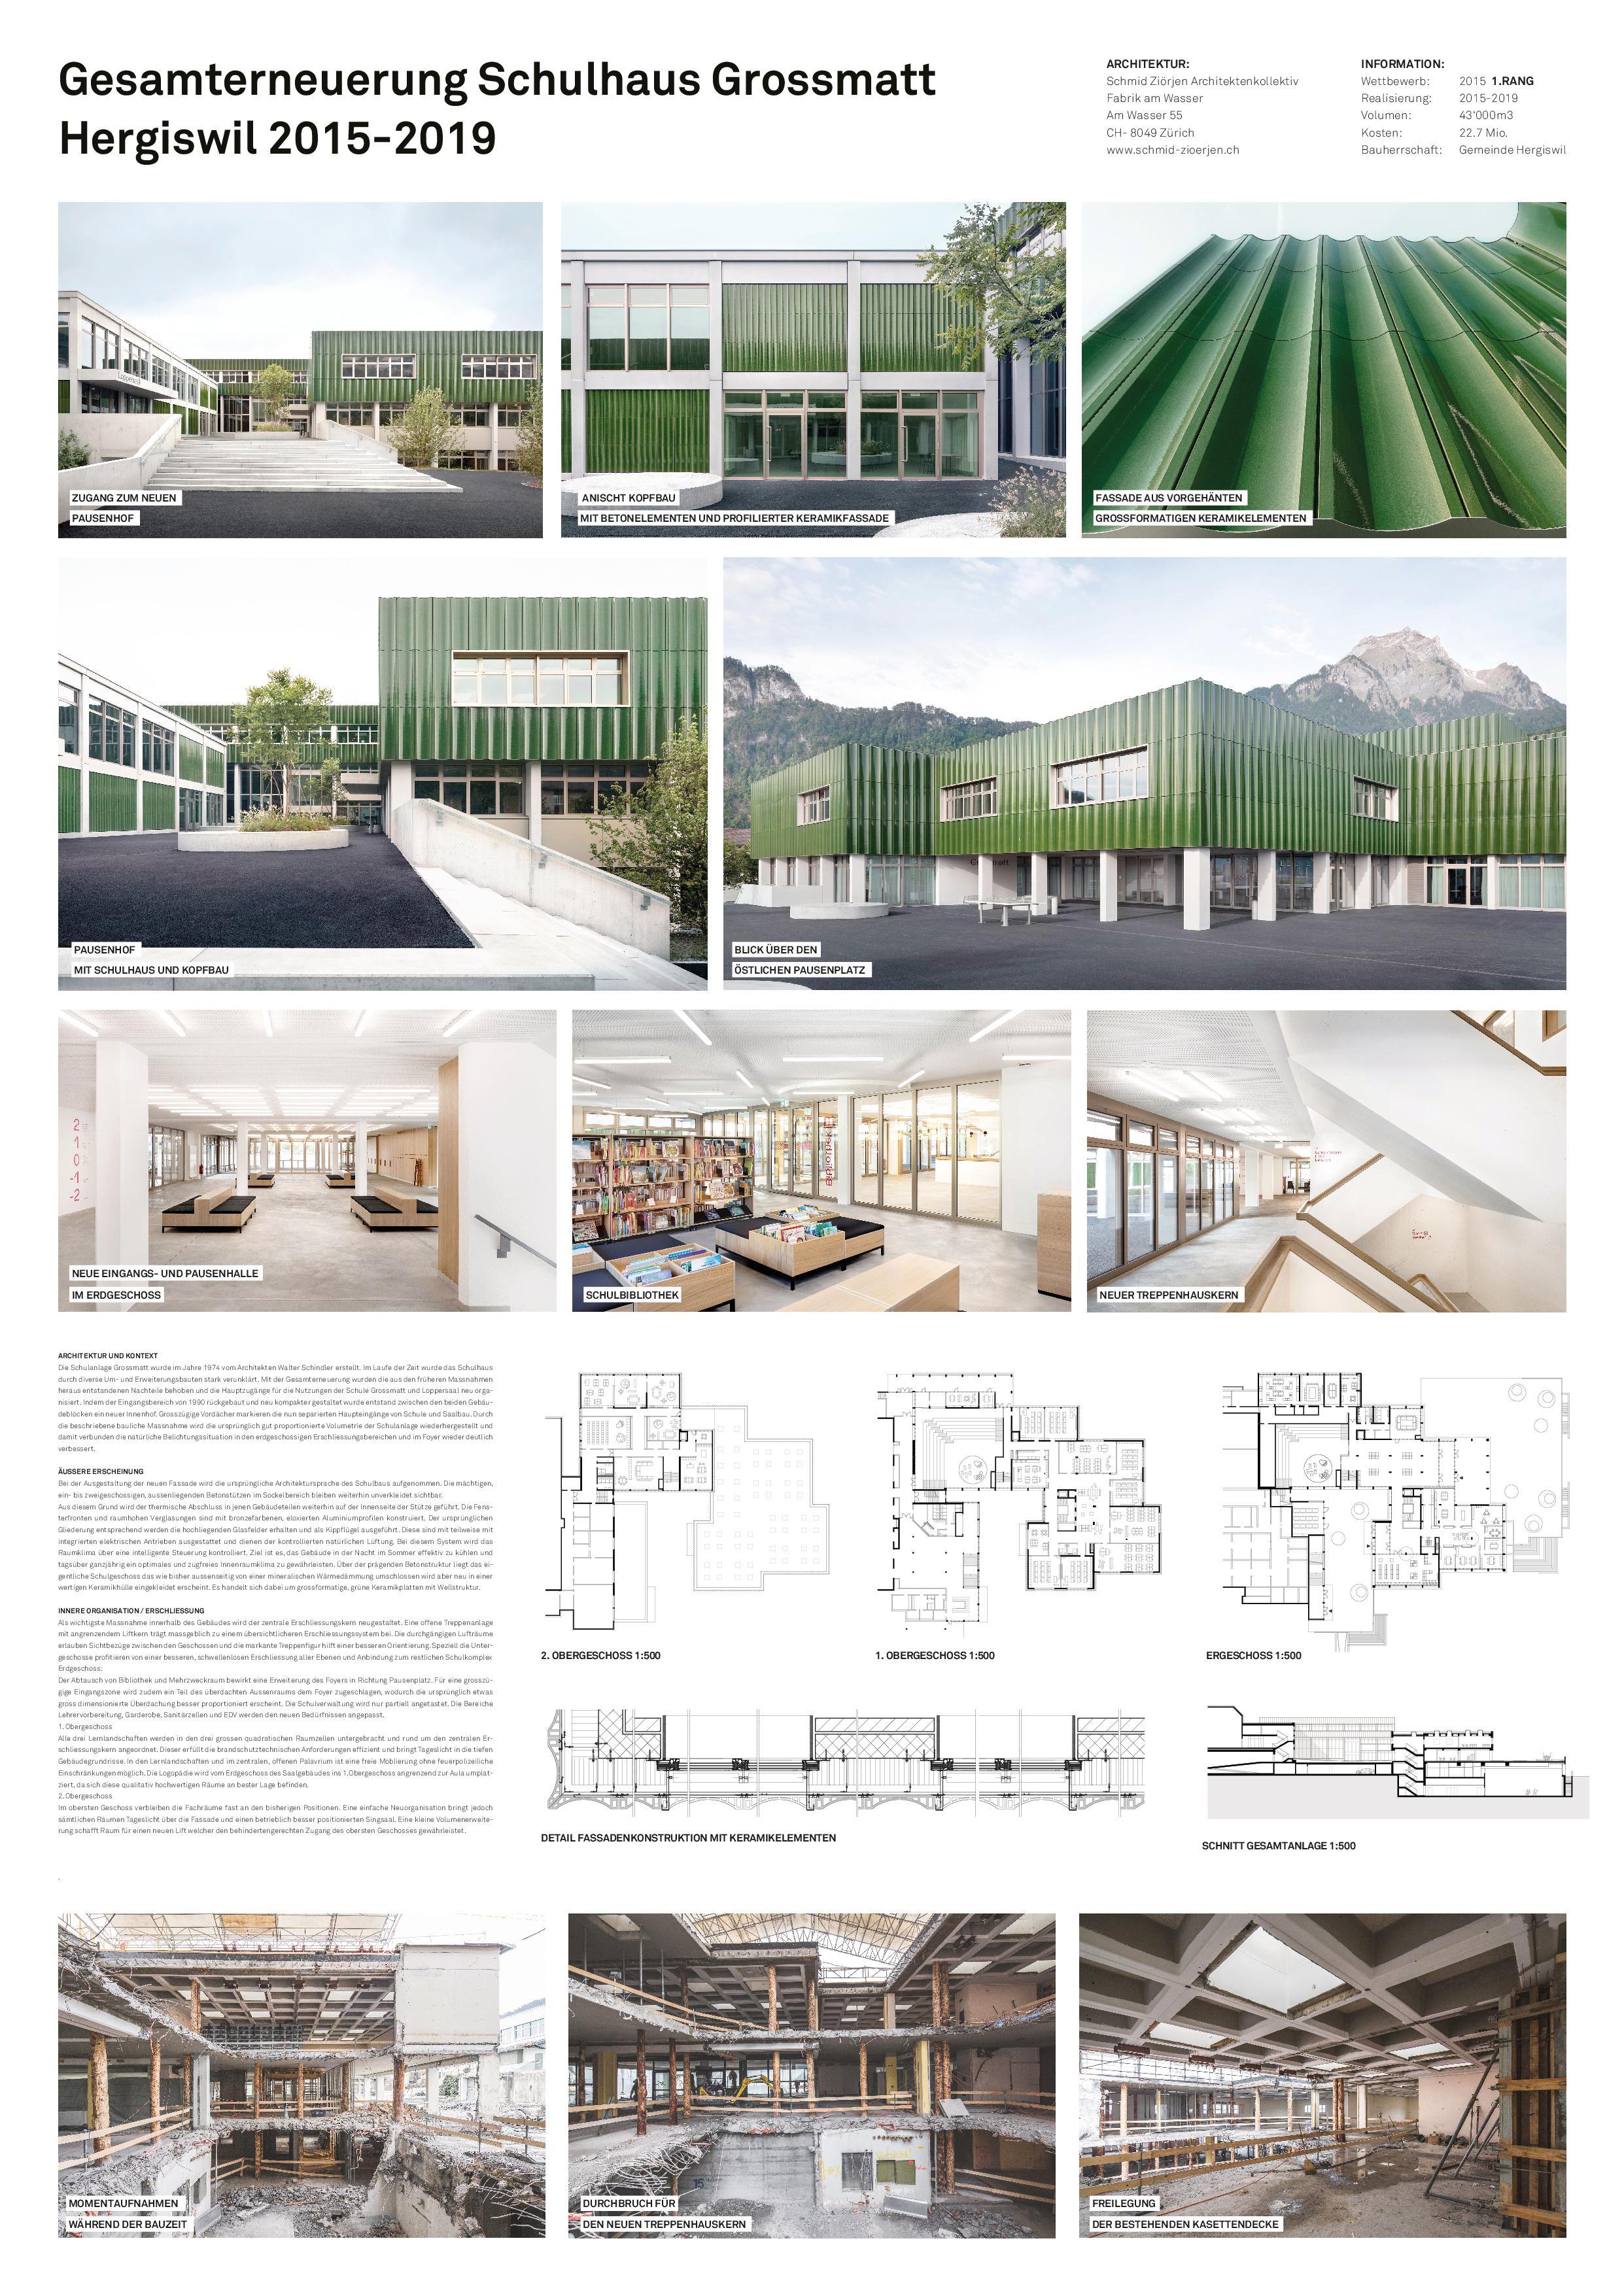 A0 Gesamterneuerung Schulhaus Grossmatt Hergiswil  de Schmid Ziörjen Architektenkollektiv